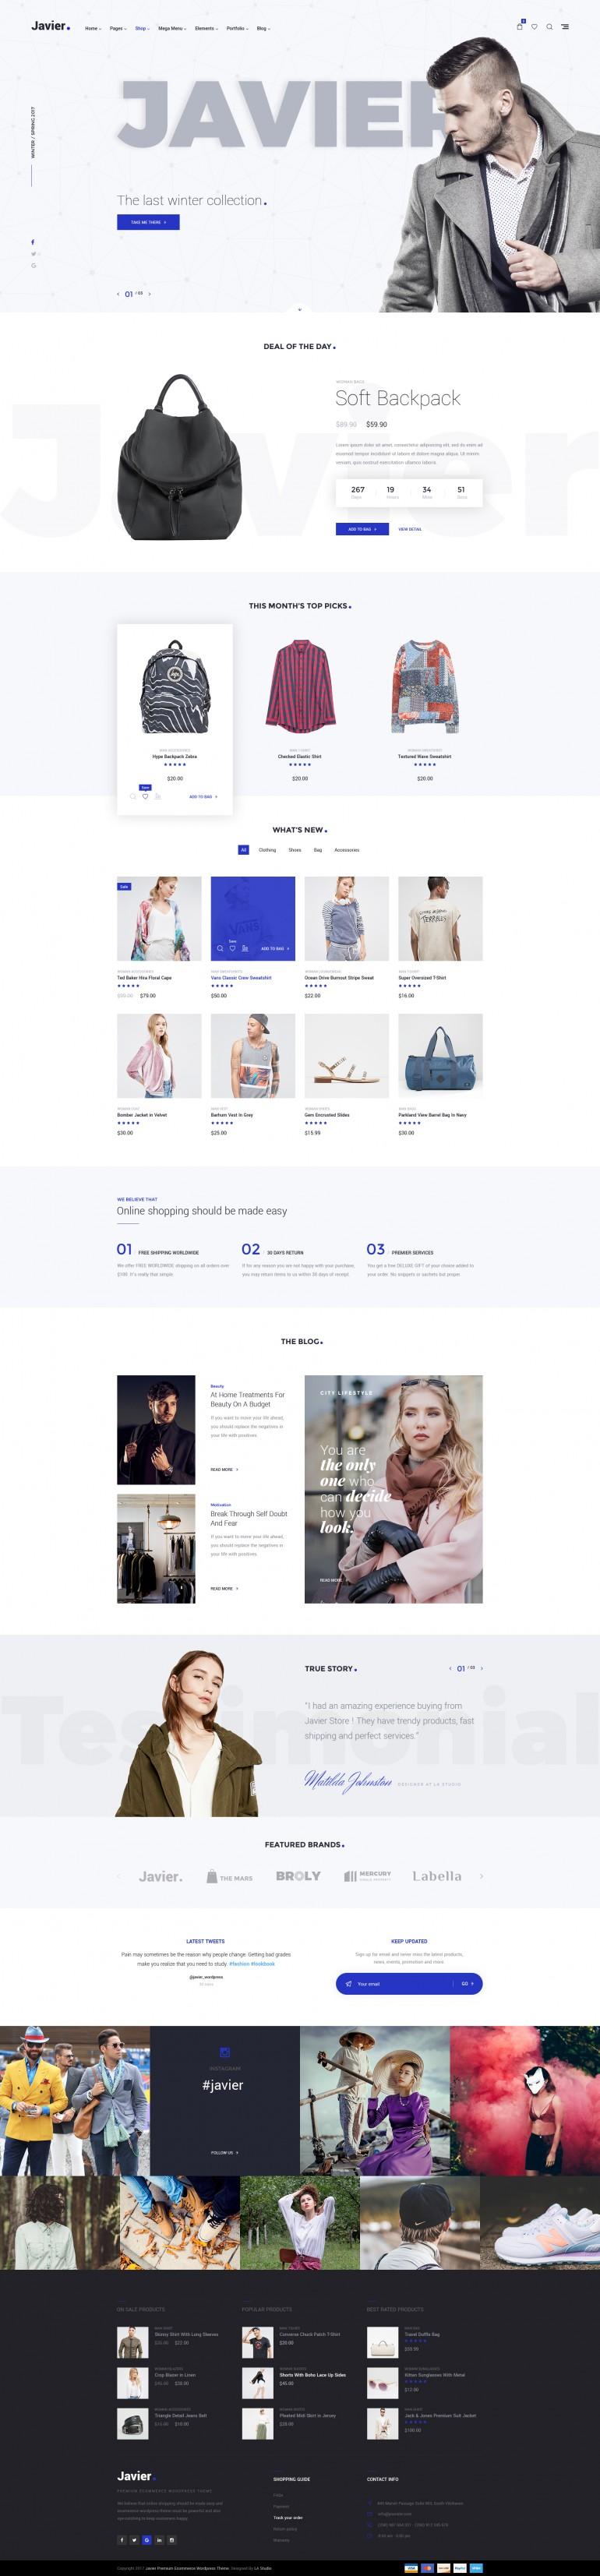 Javier – Modern E-Commerce